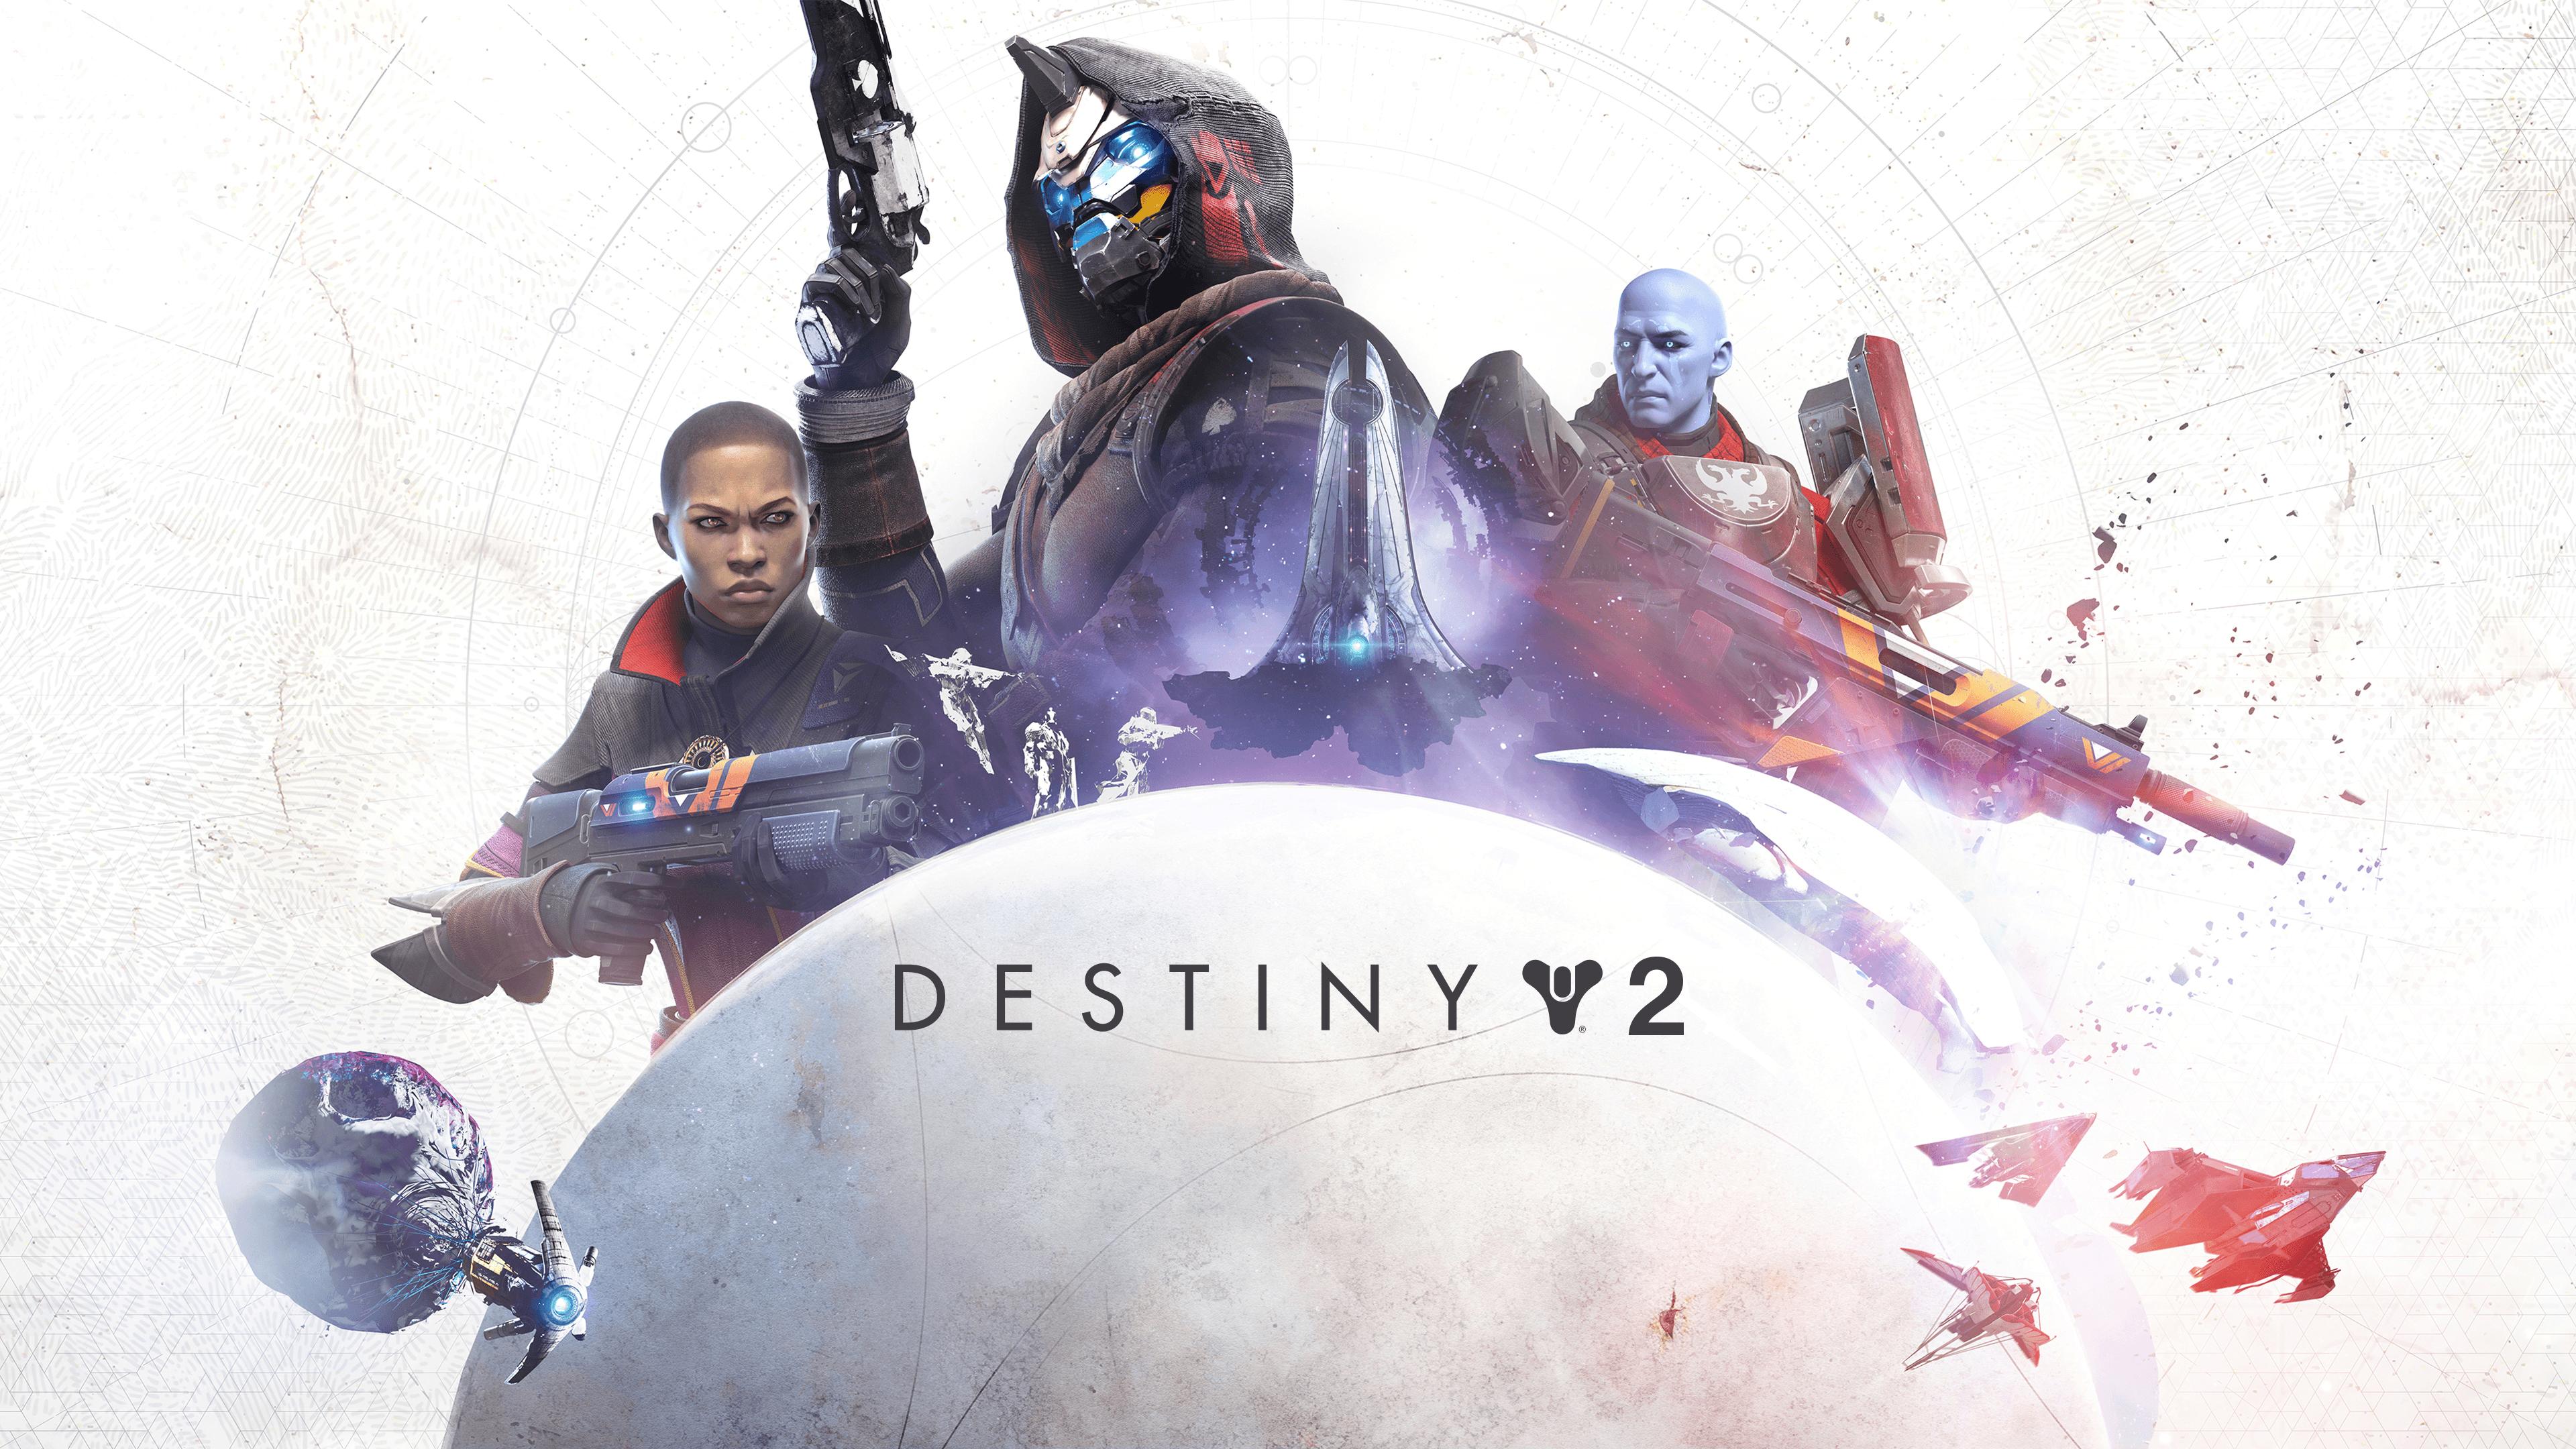 広大な太陽系を冒険!ハイスピードFPSバトル「Destiny 2」の魅力を紹介